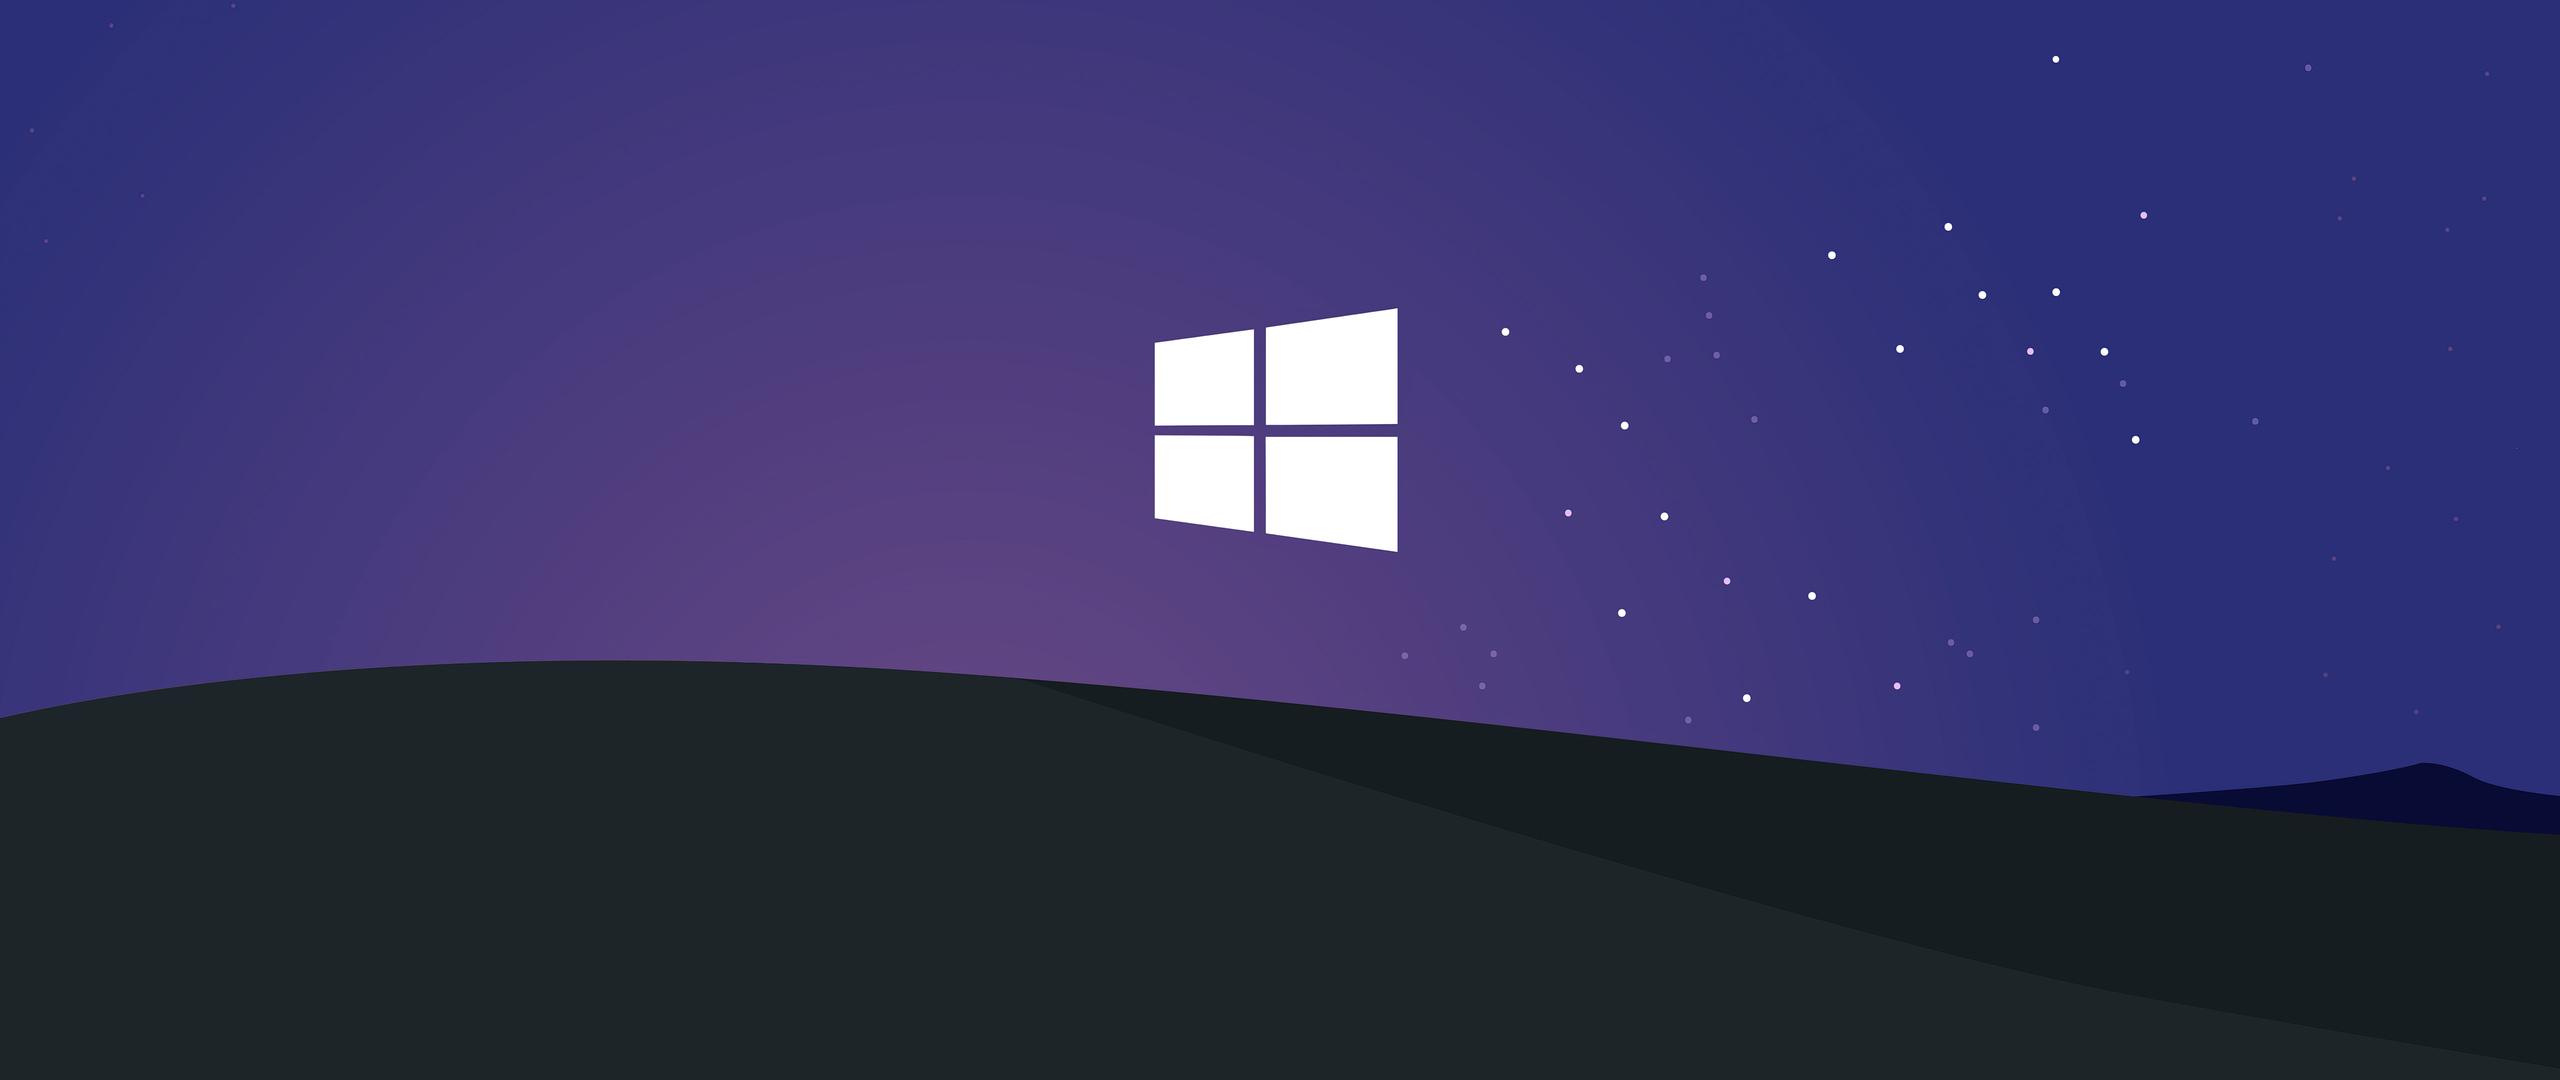 windows-10-bliss-at-night-minimal-5k-bm.jpg